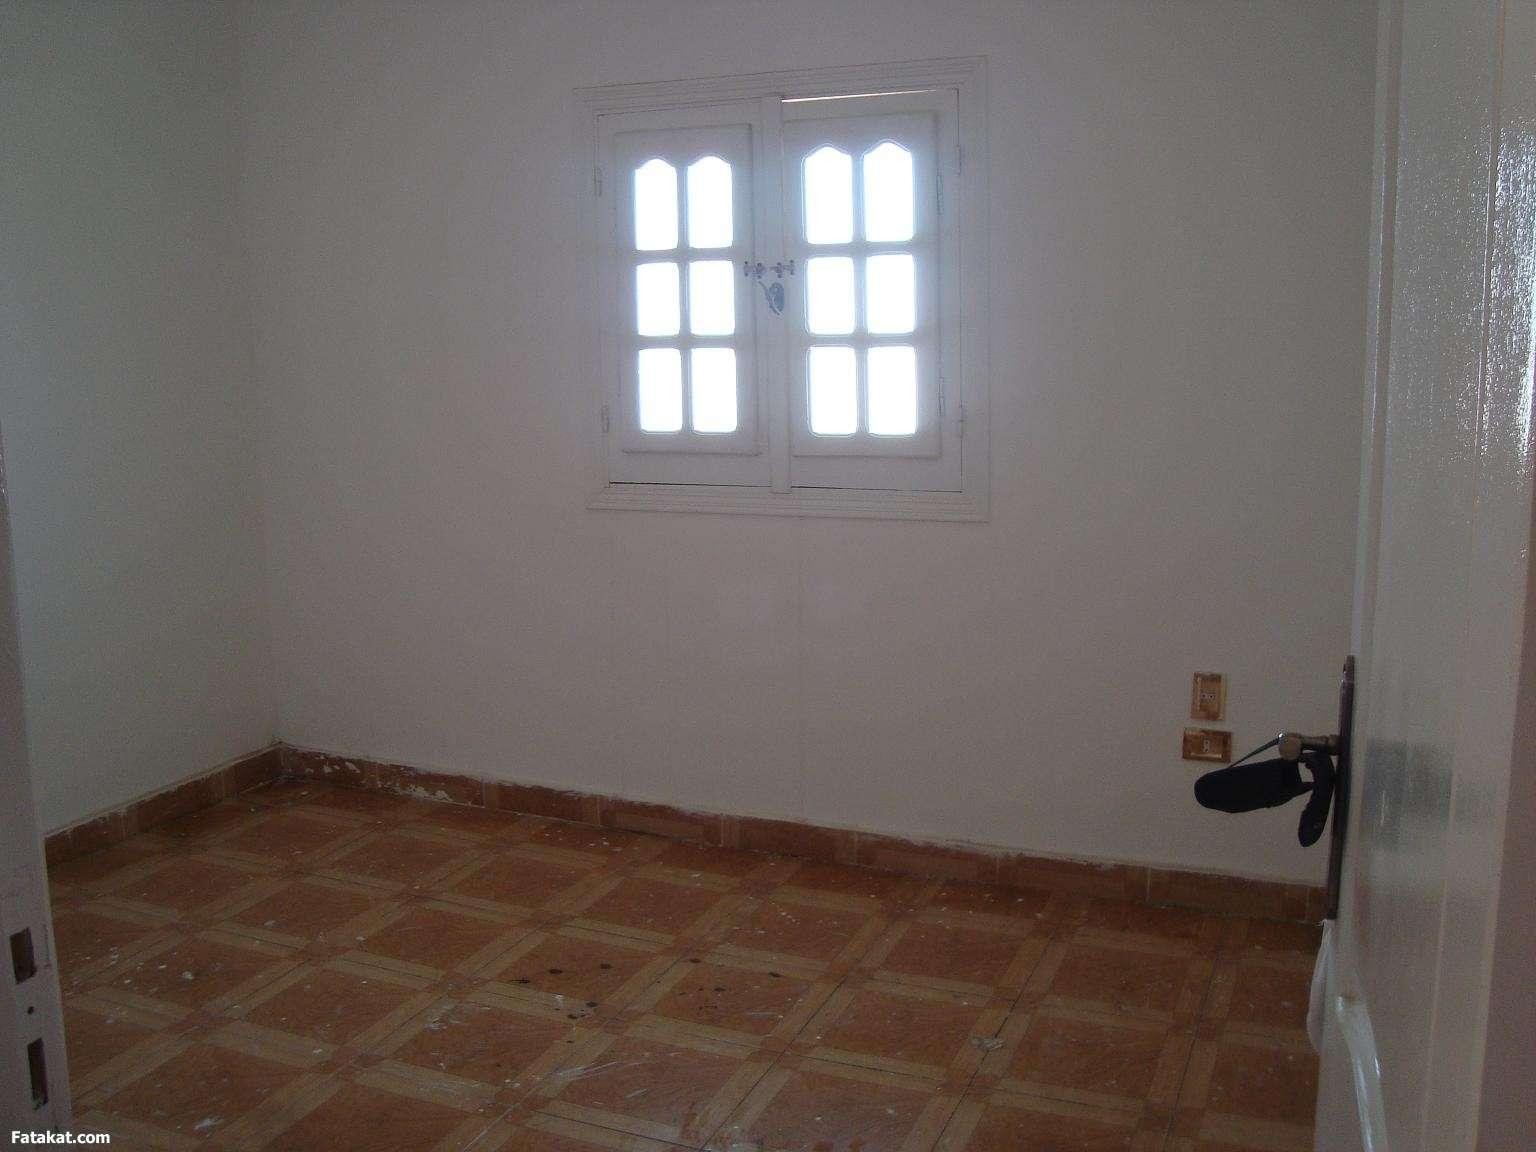 كل صور شقة الطوابق فيصل التحفة 13340204308349